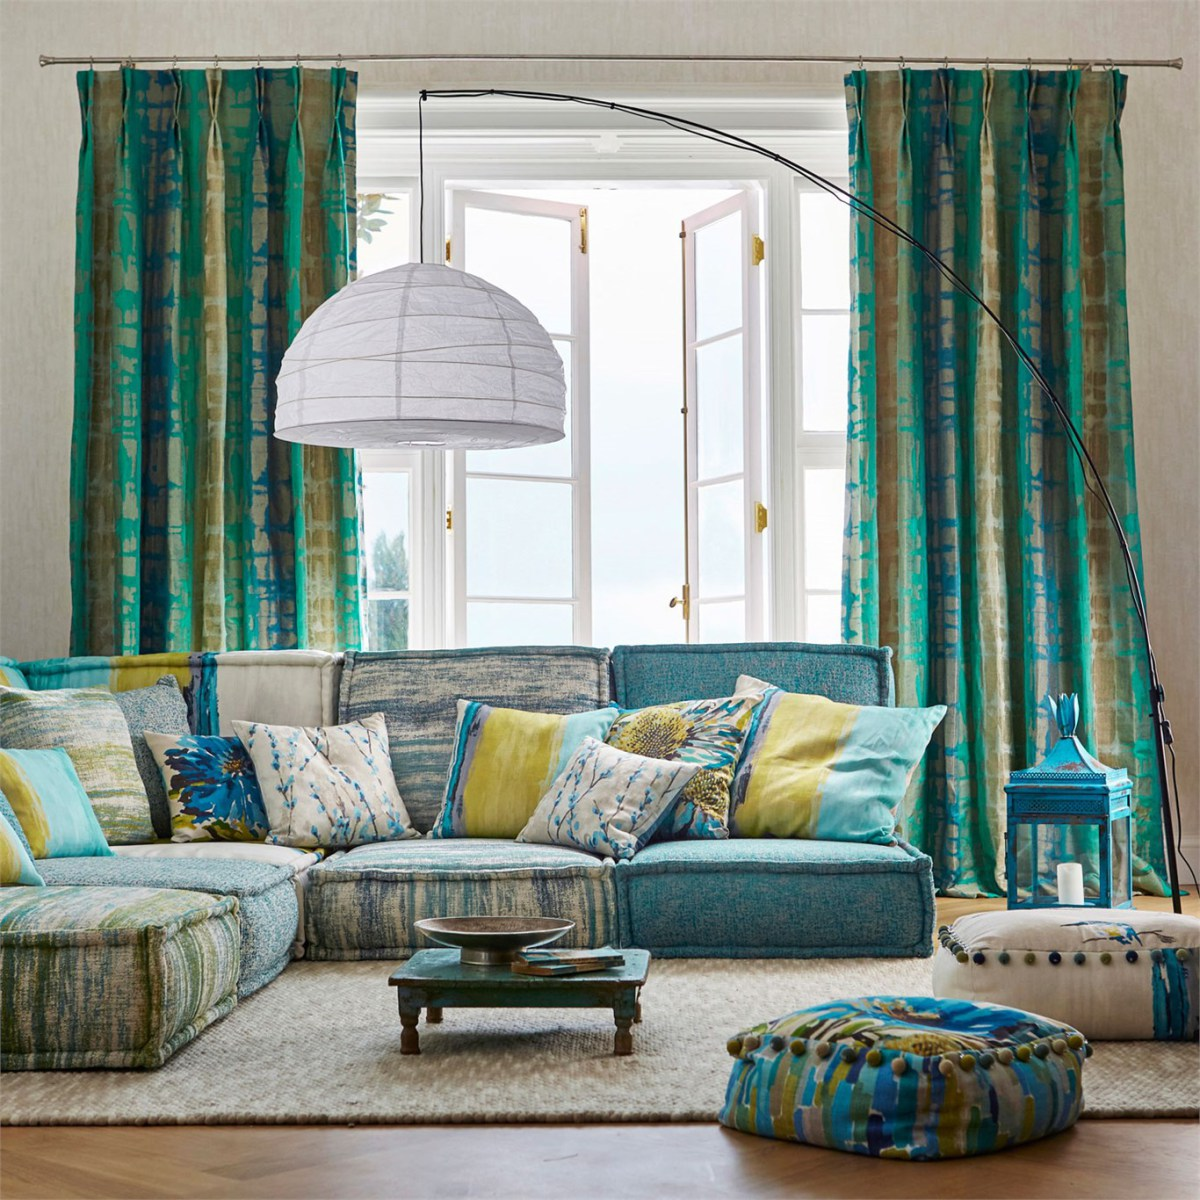 Elige telas online para cortinas y viste tu hogar que - Decorar muebles con tela ...